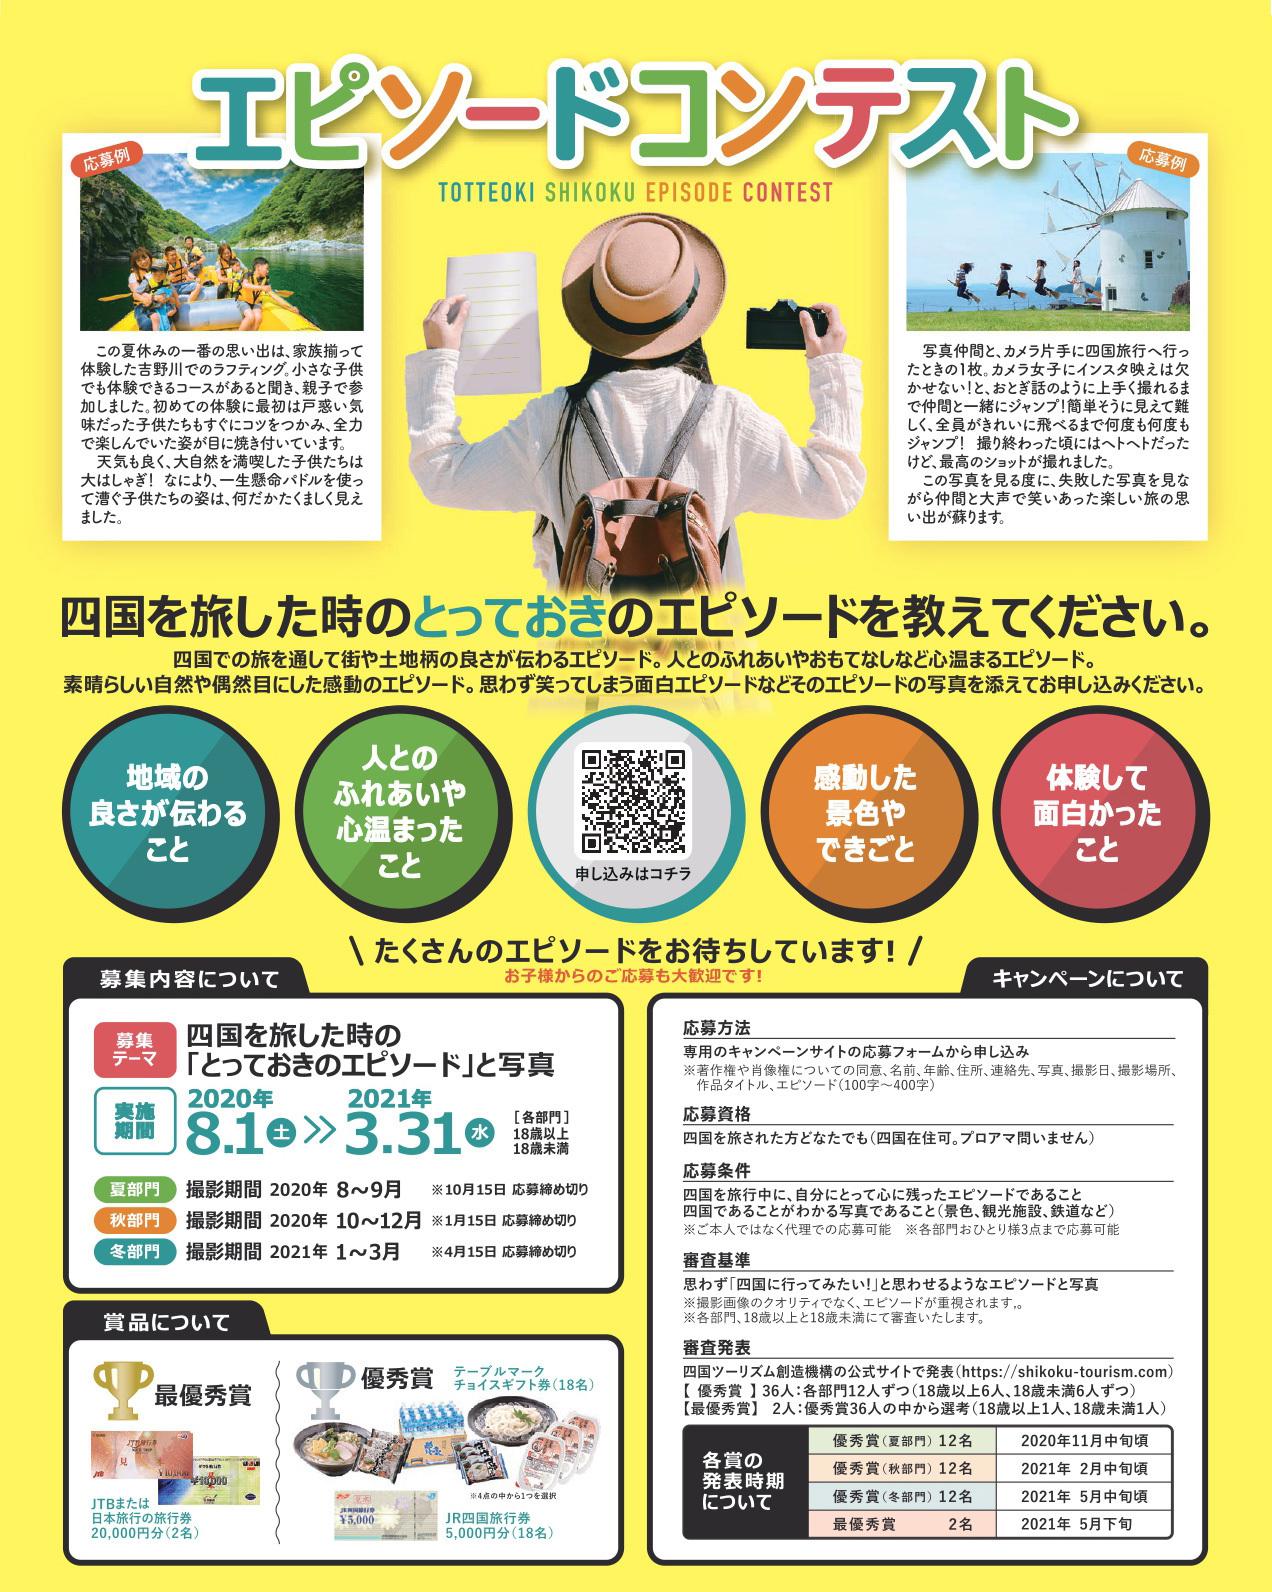 キャンペーンでさらにお得なプレゼントも!「四国旅ぱす。」アプリを使ってお得に四国周遊しよう。